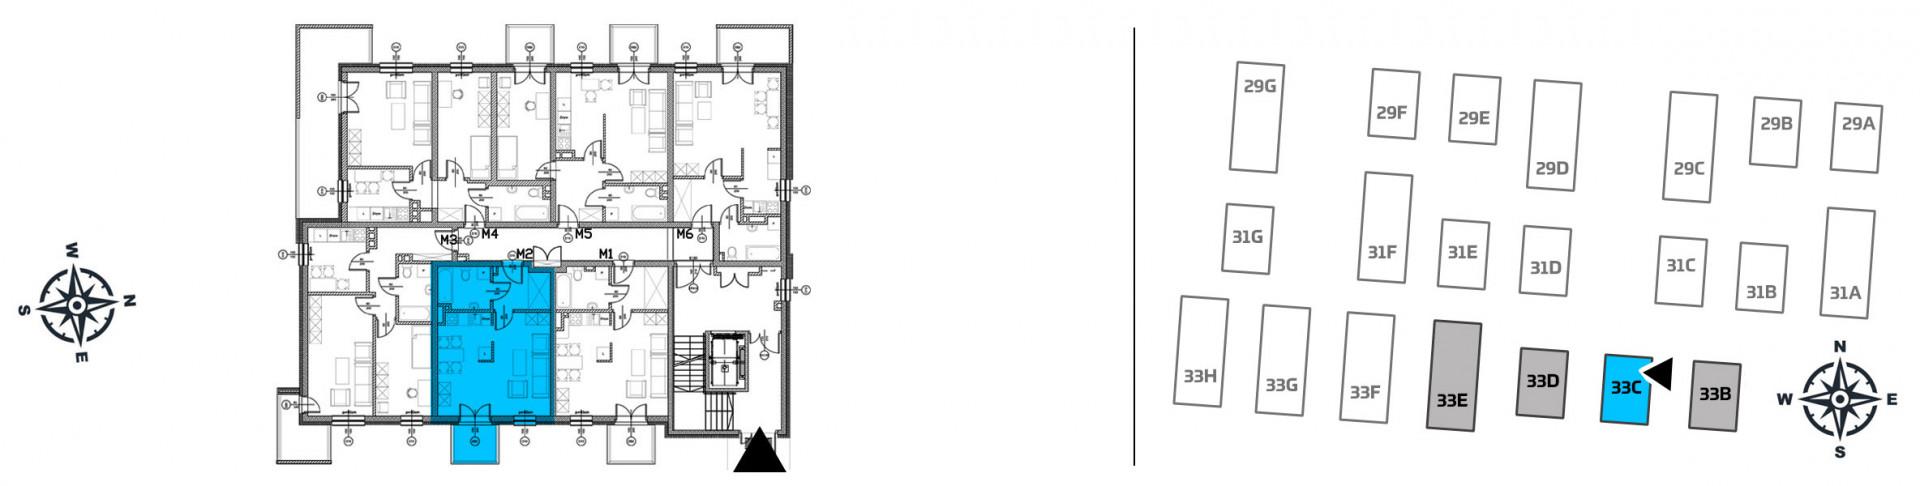 Mieszkanie jednopokojowe 33C/2 rzut 2